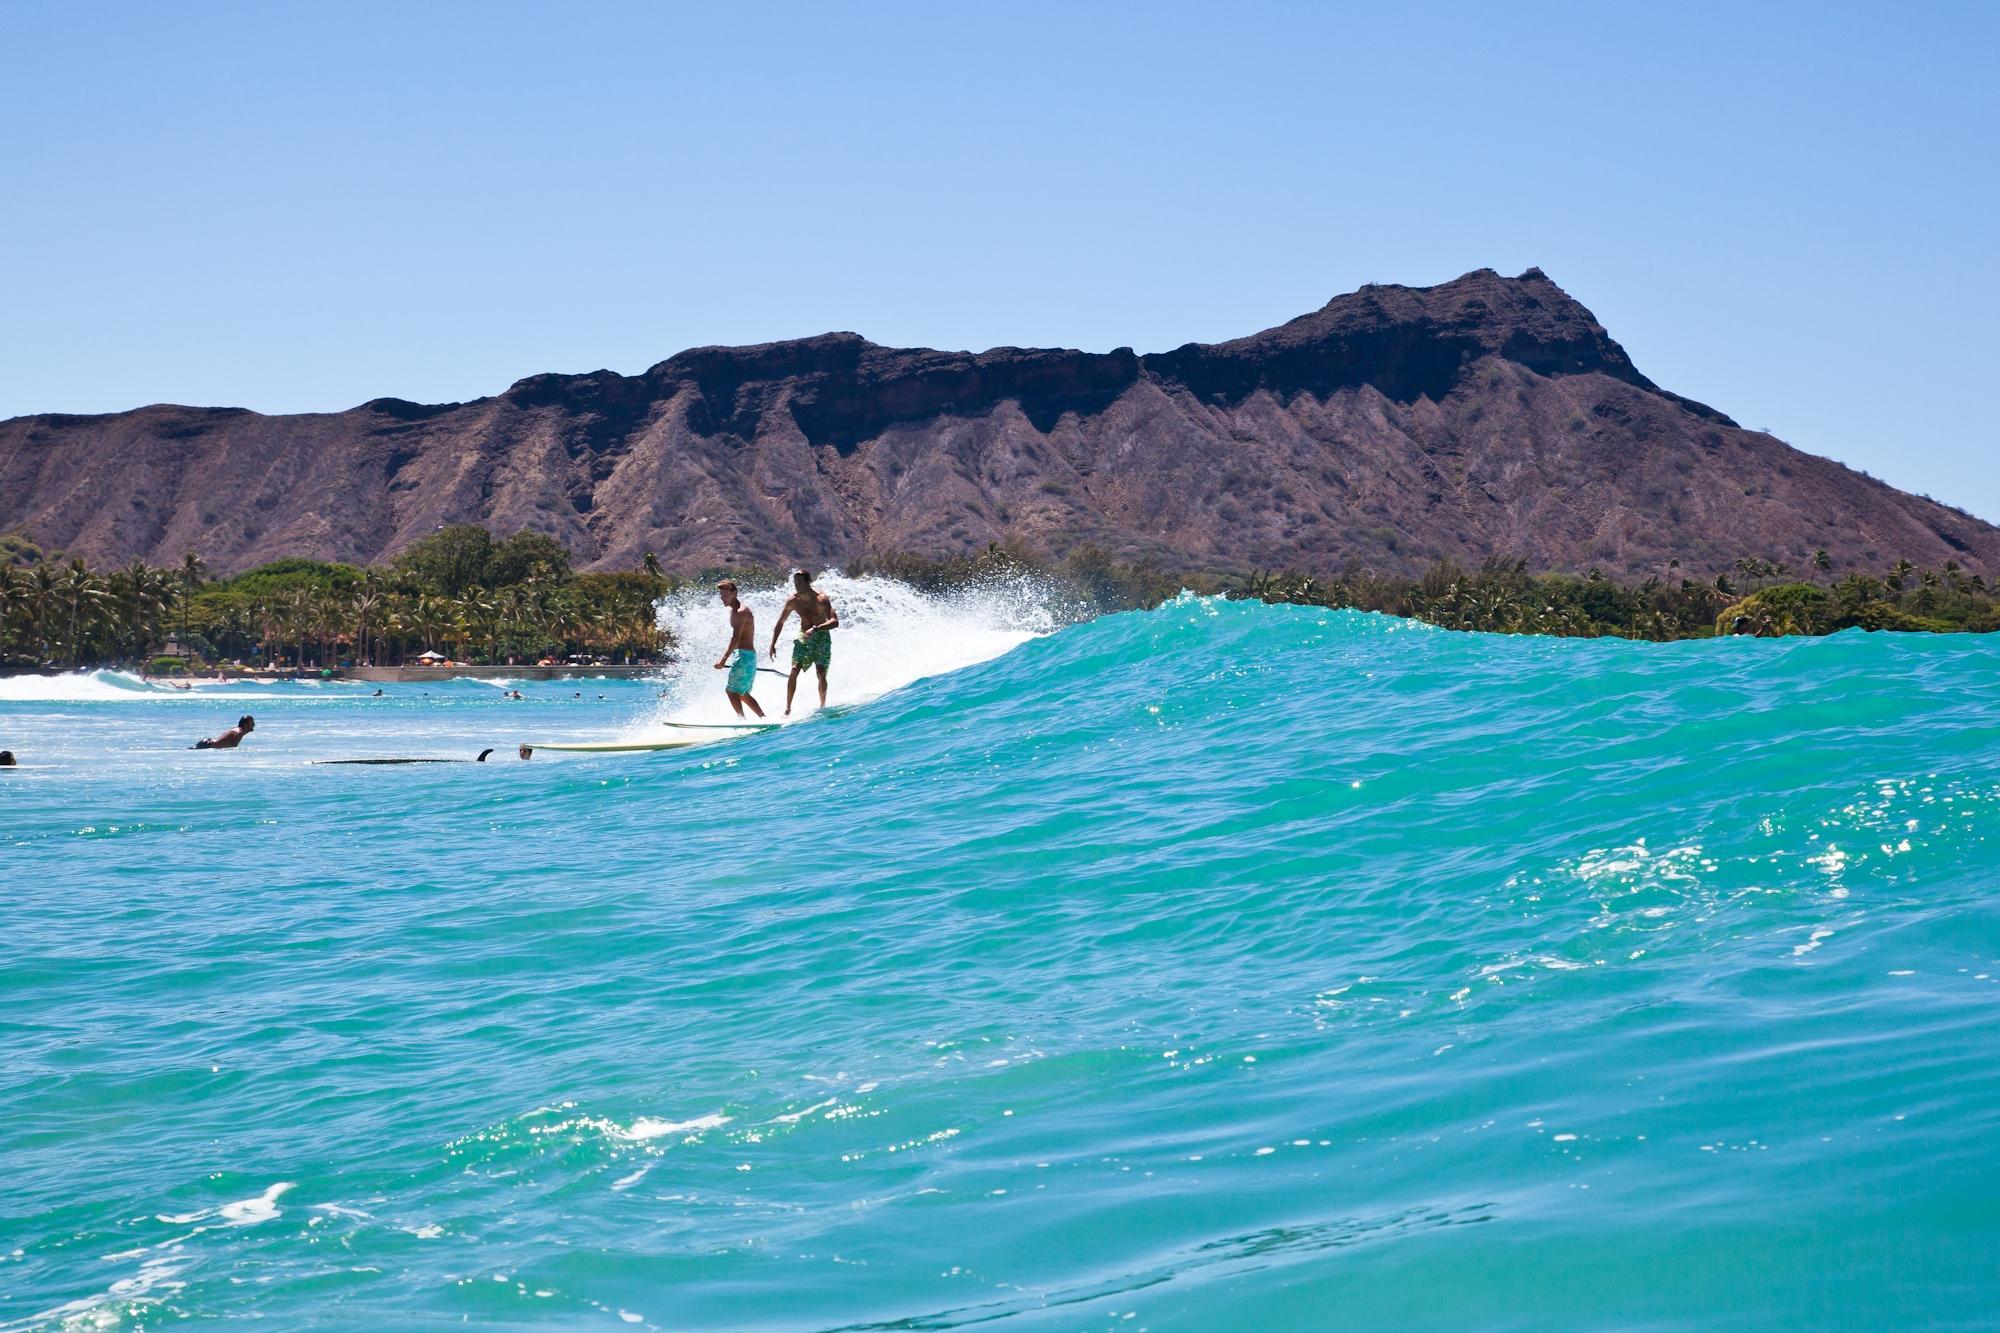 Hawaii-Tourism-Men-Surfing-2